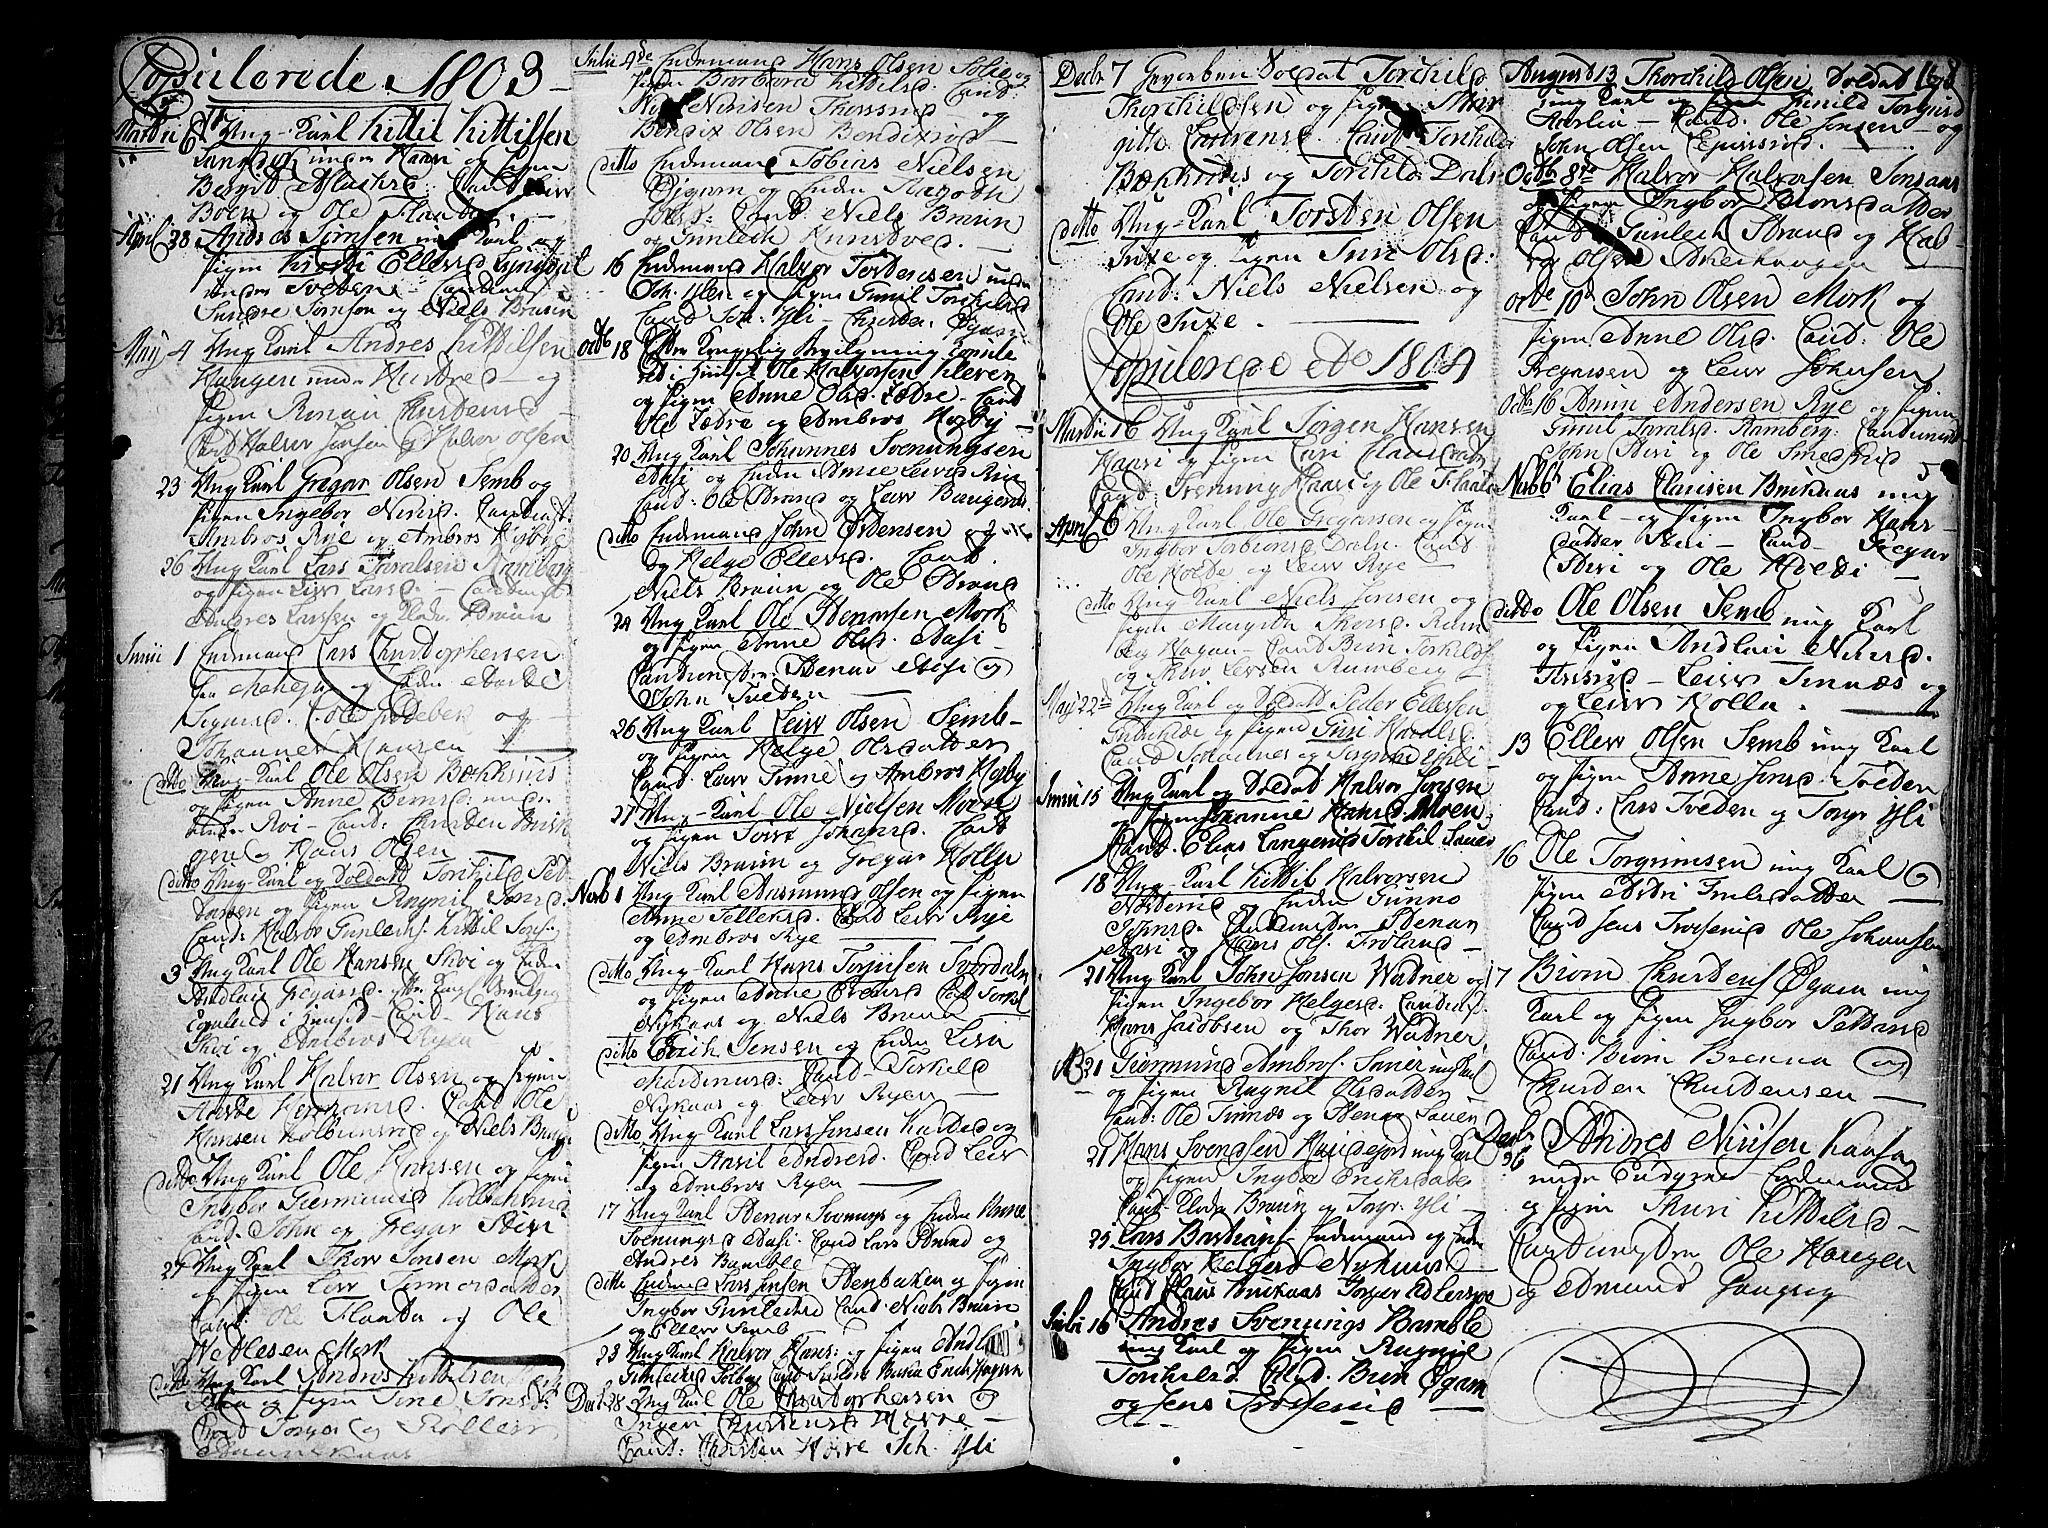 SAKO, Heddal kirkebøker, F/Fa/L0004: Ministerialbok nr. I 4, 1784-1814, s. 168